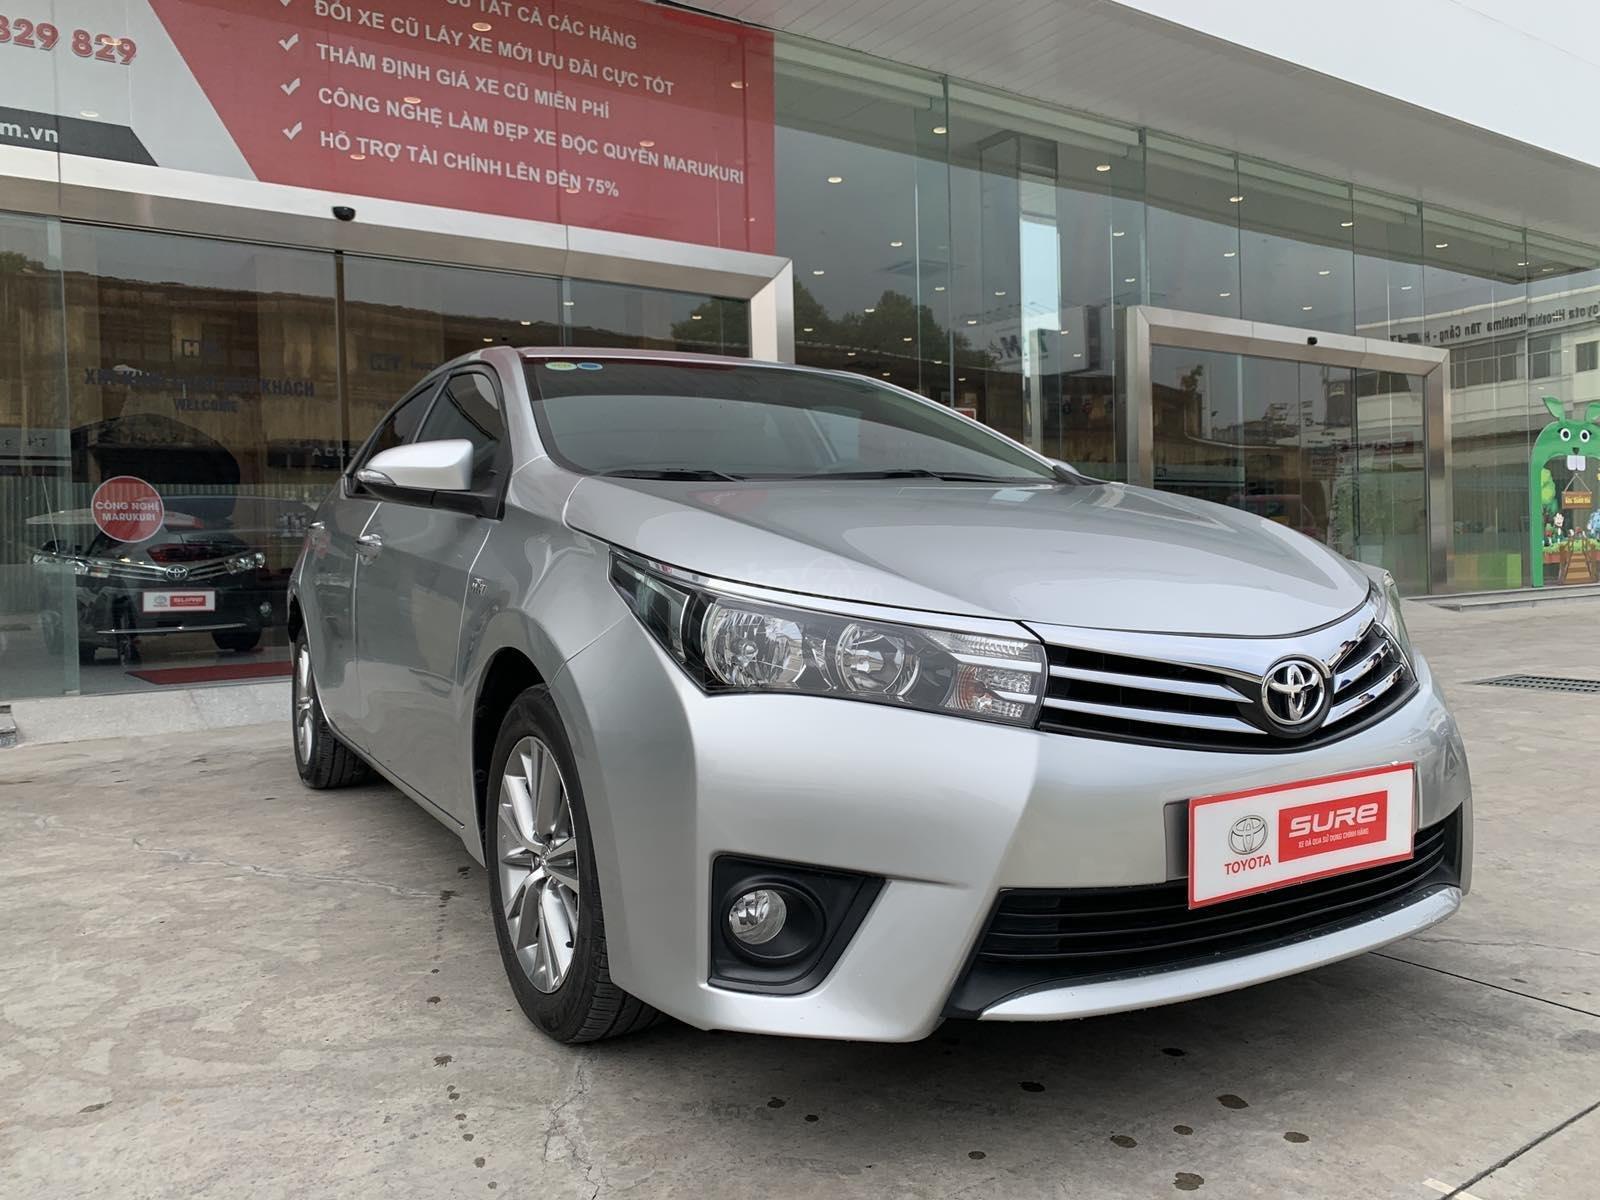 Cần bán xe Toyota Corolla Altis 1.8G CVT 2015 màu bạc đi 69.000km, BS. TpHCM - Xe chất giá tốt chính hãng (2)